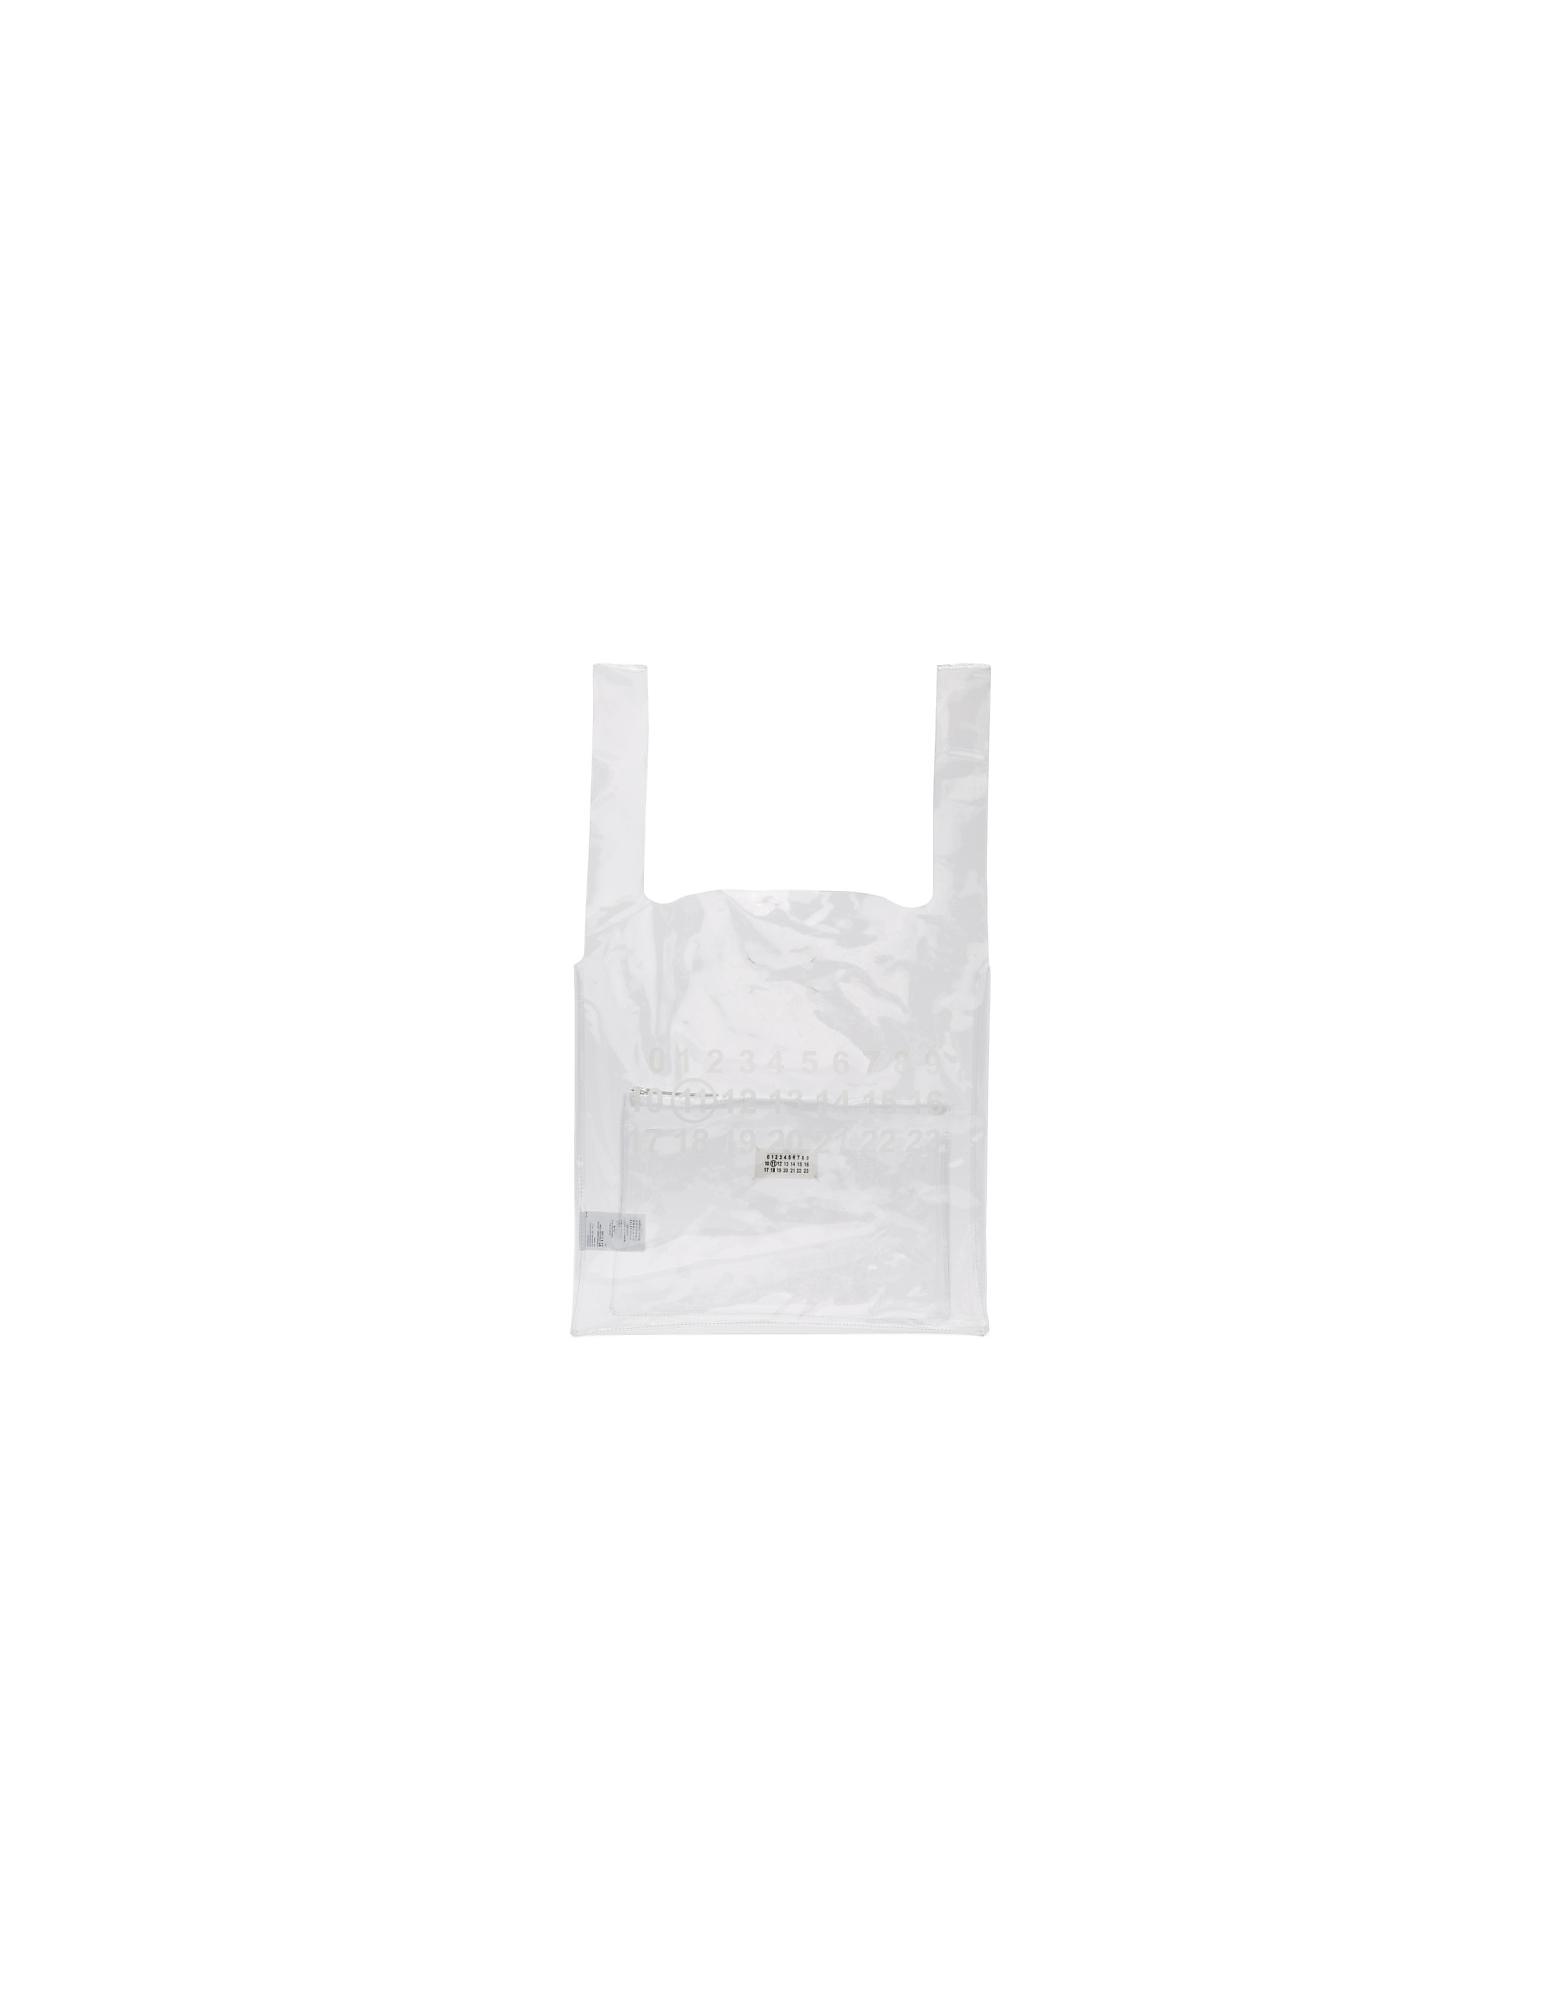 Maison Margiela Designer Handbags, Transparent Three Piece Plastic Tote